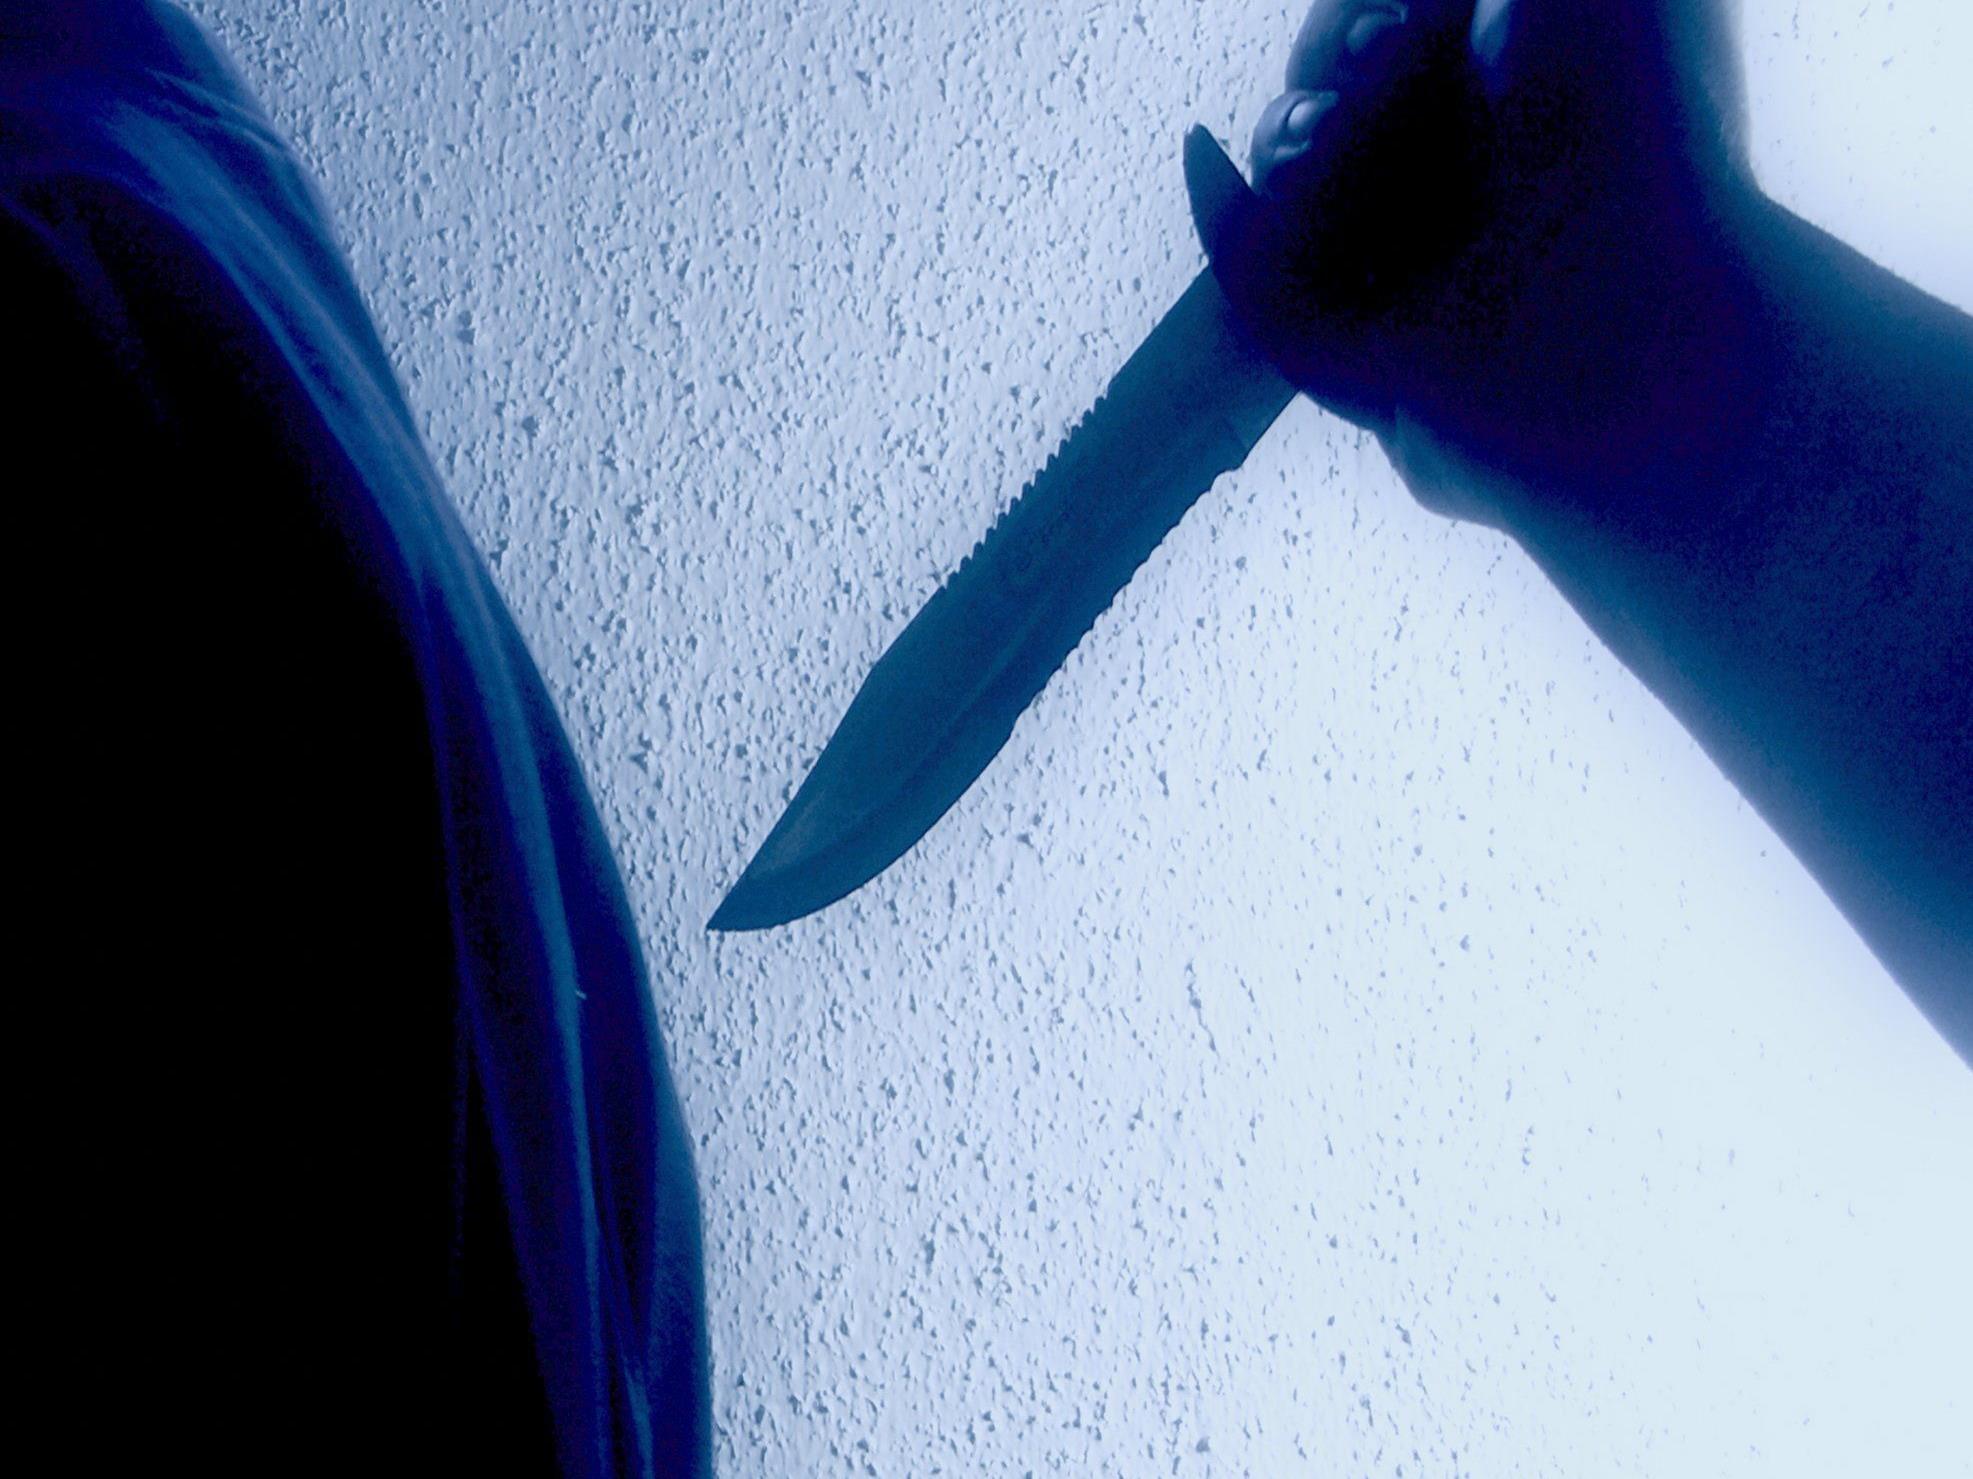 Räuber bedrohten das Opfer mit einem Messer